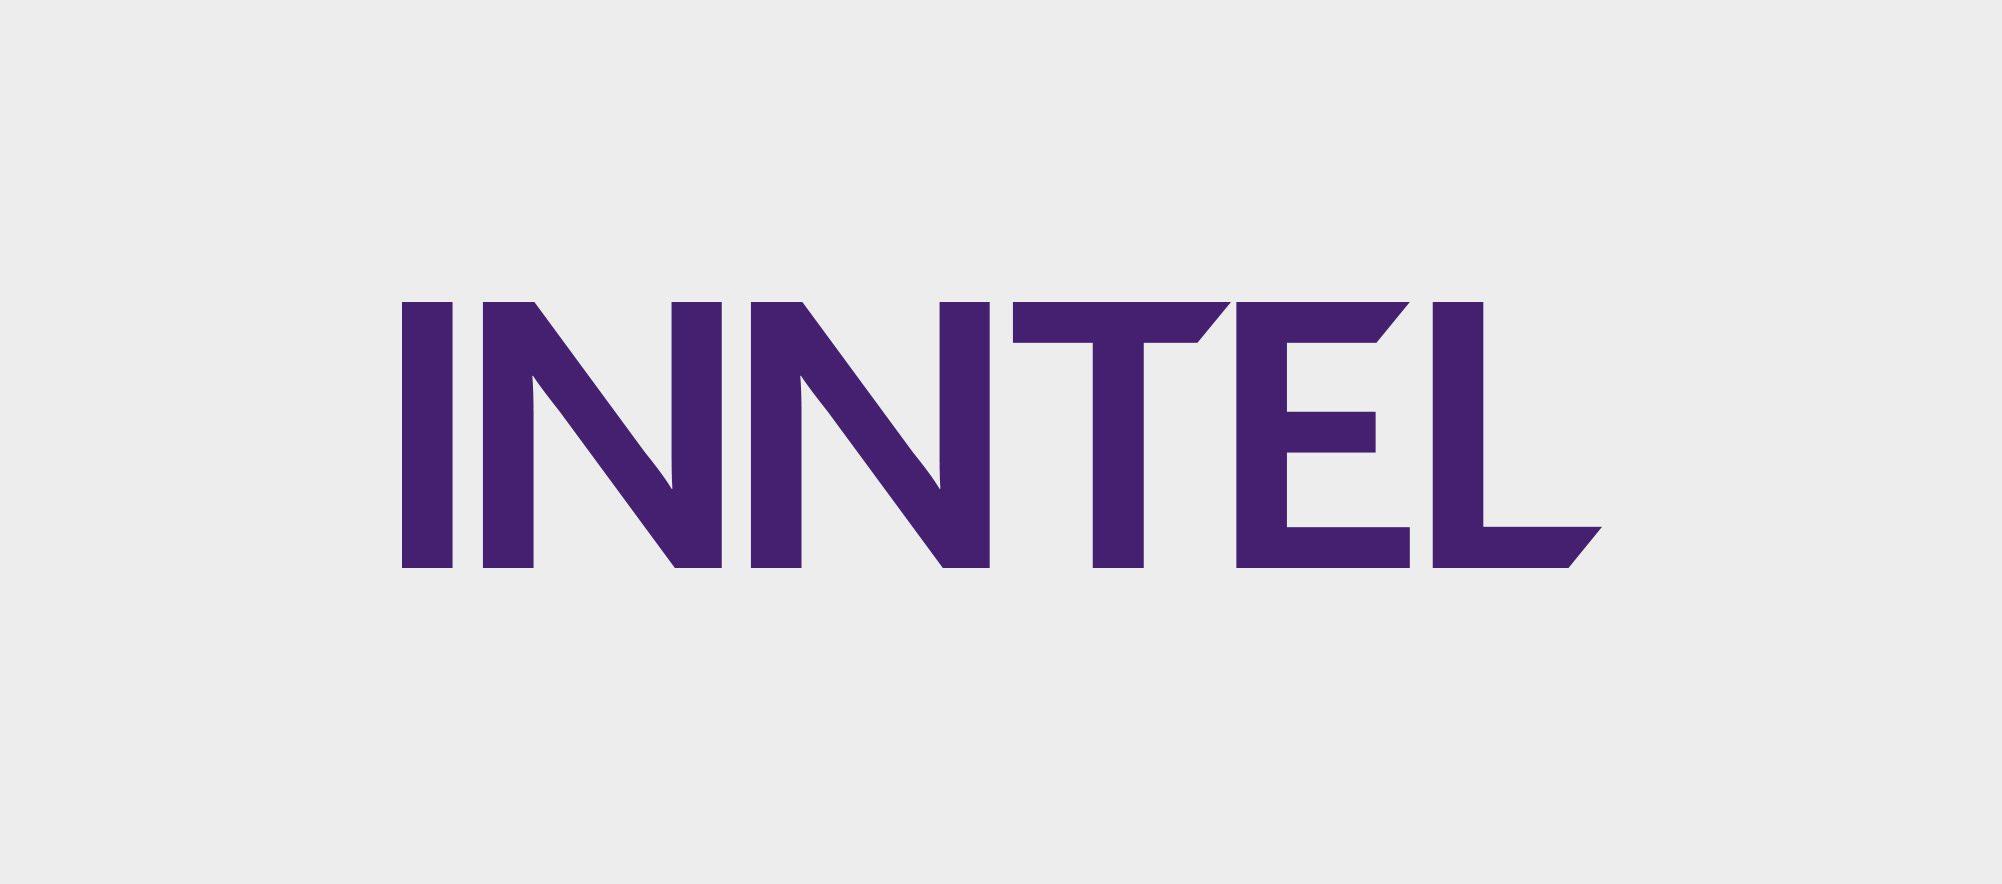 Inntel Meetings